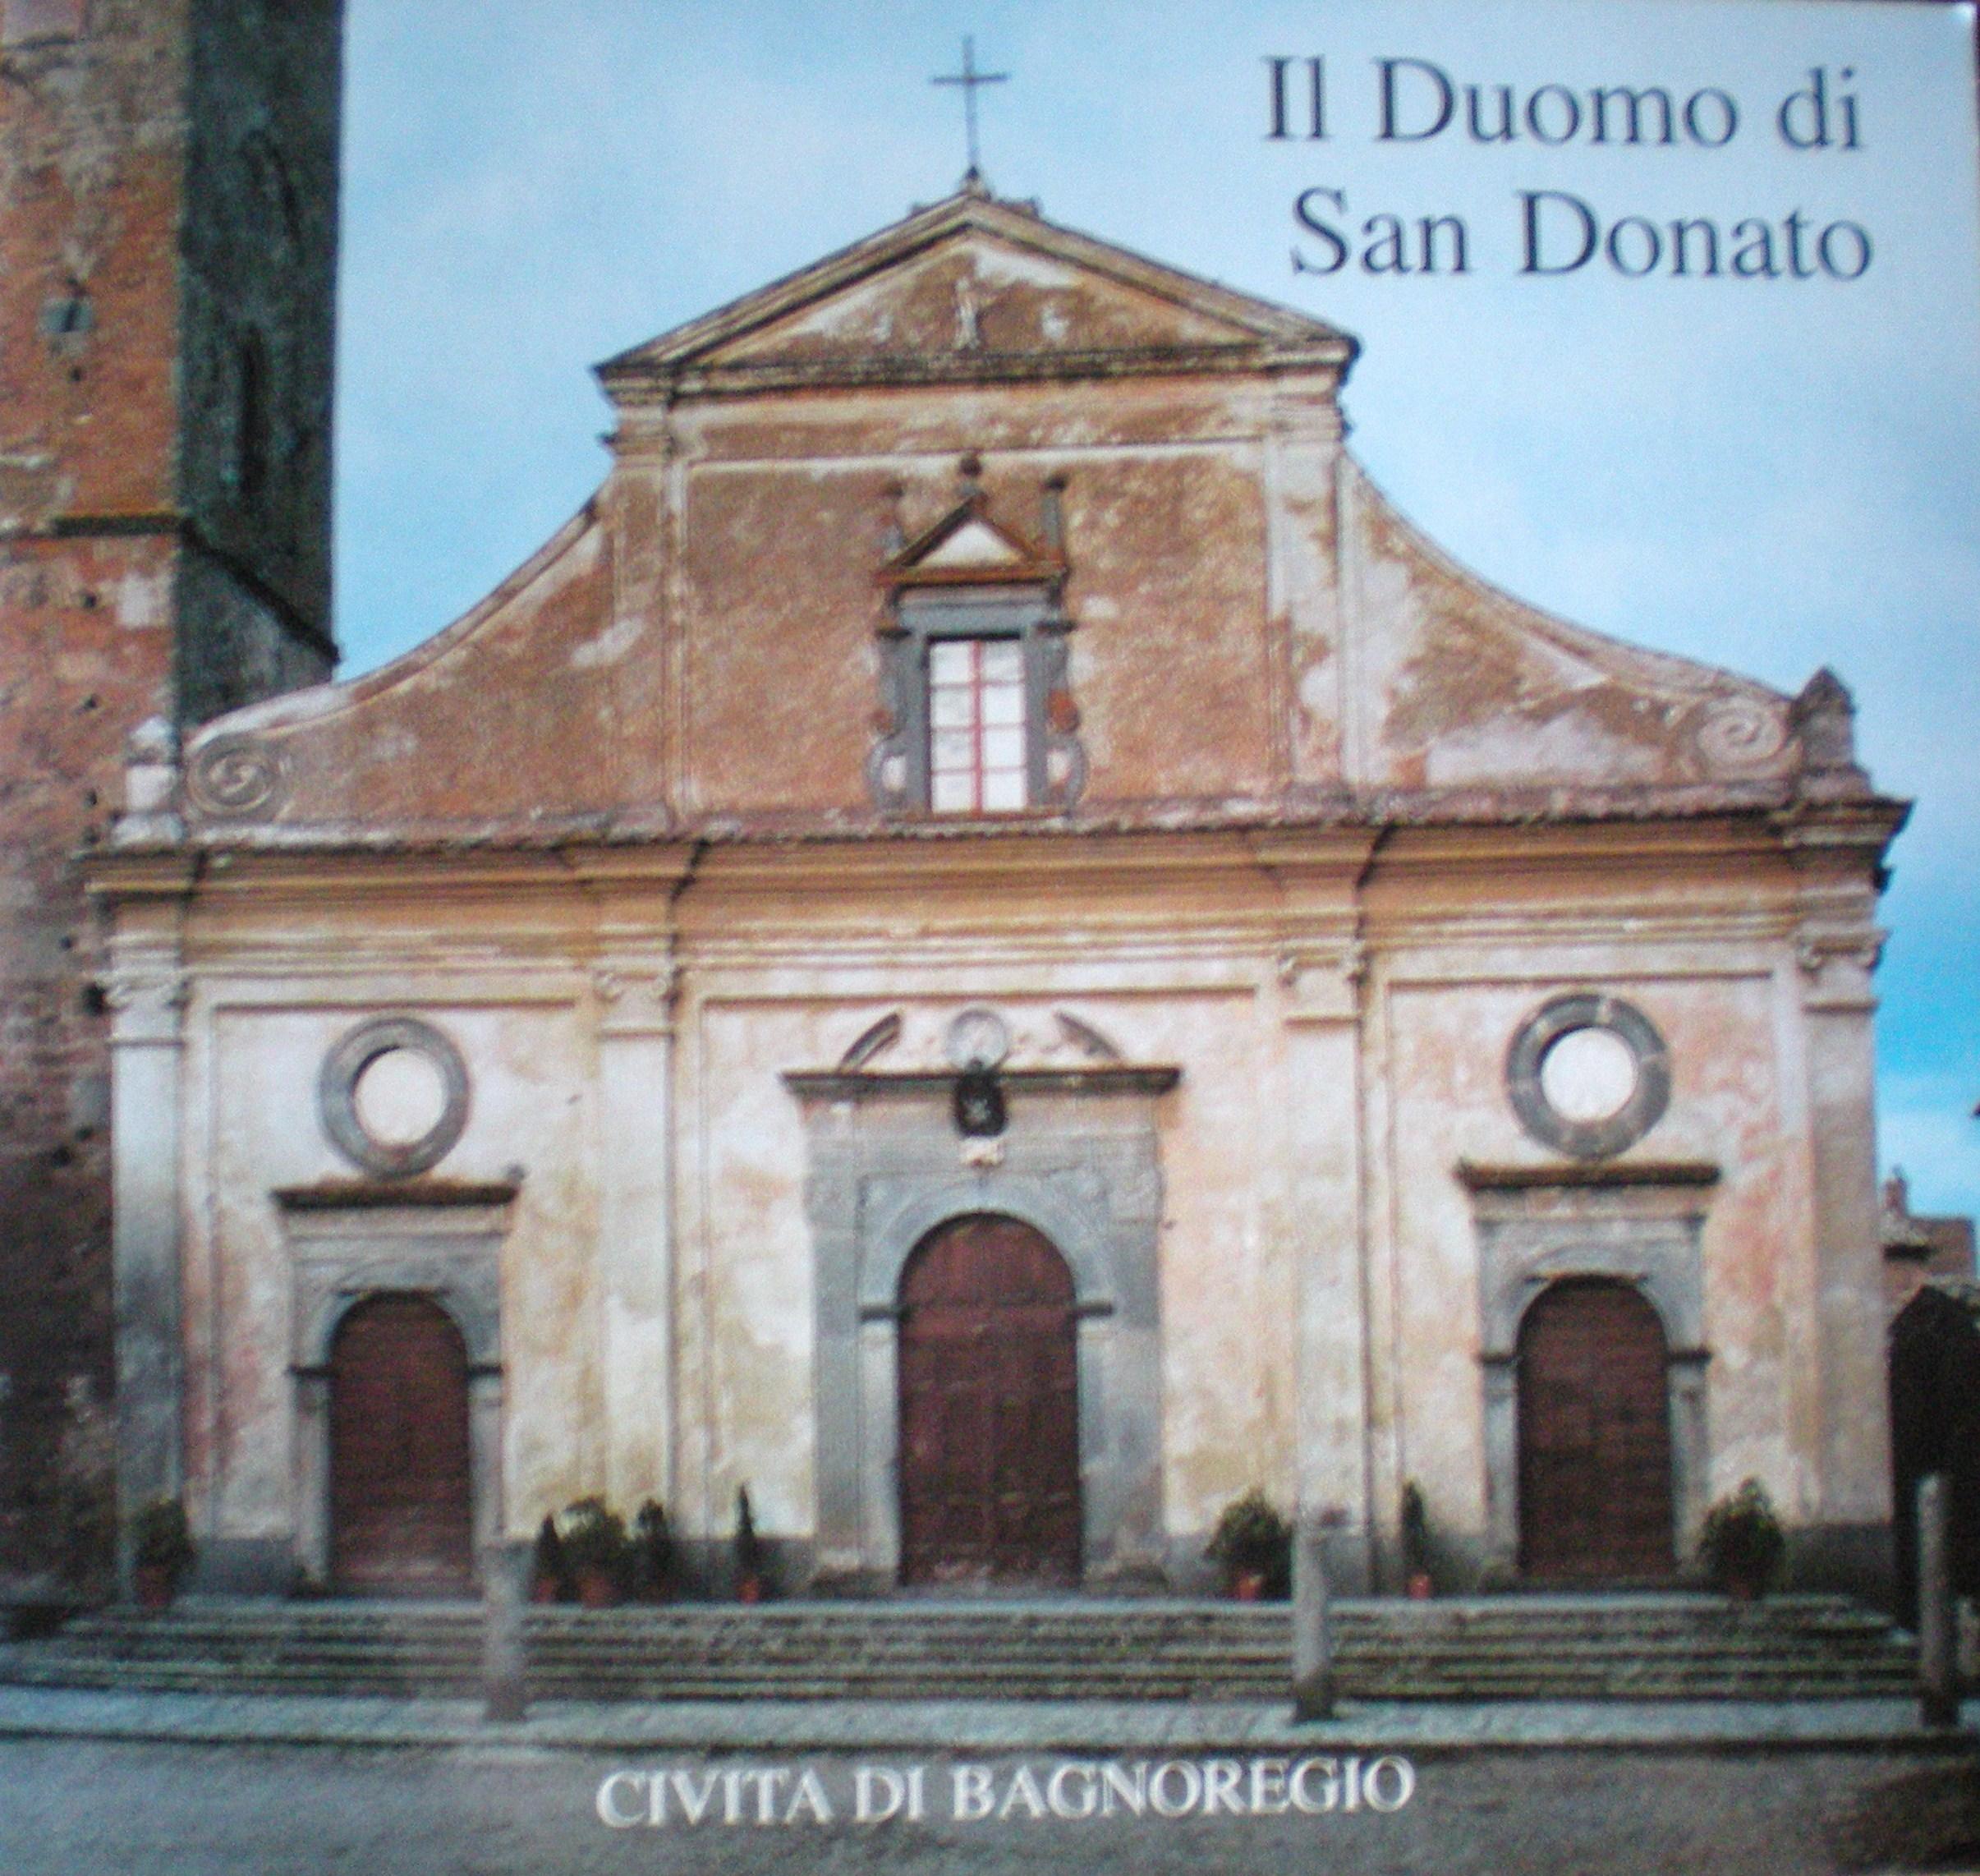 Il Duomo di San Donato